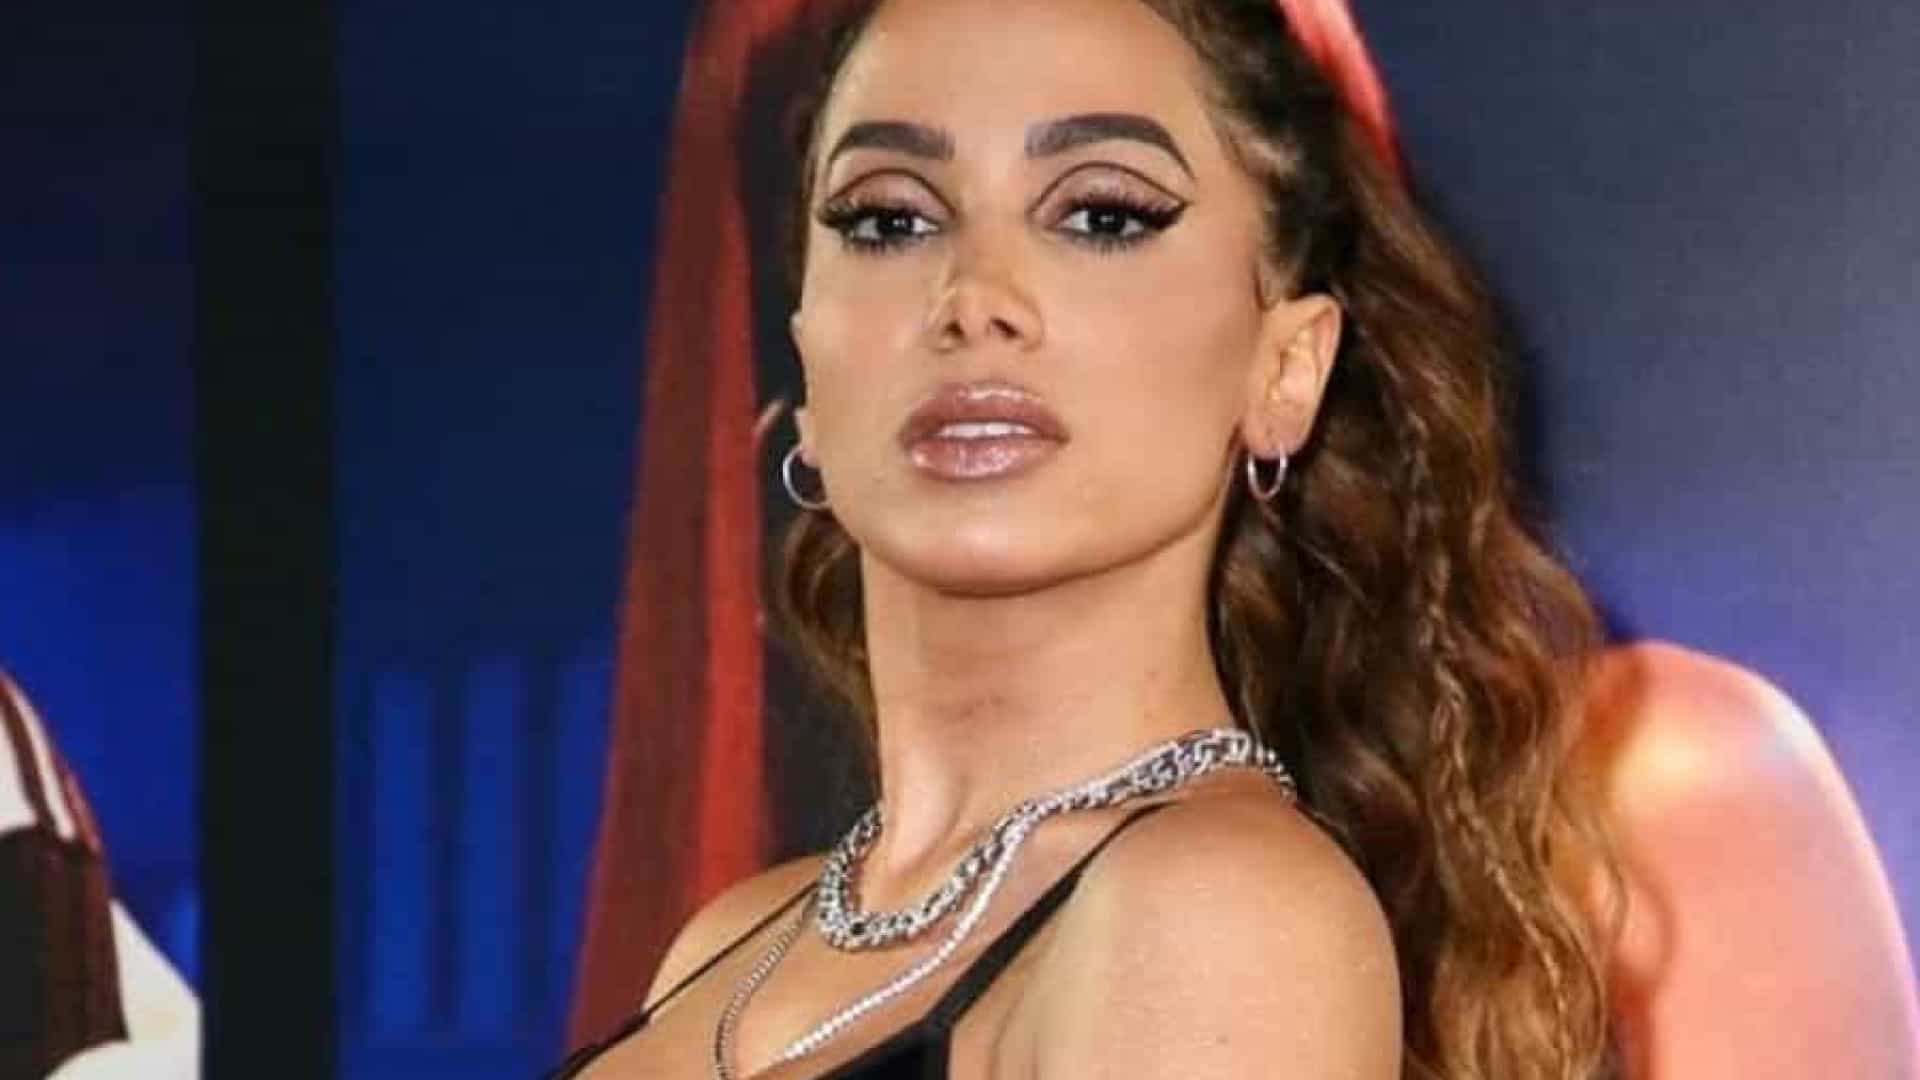 Anitta diz que 'tentou de tudo' com Nego do Borel antes de desfazer amizade